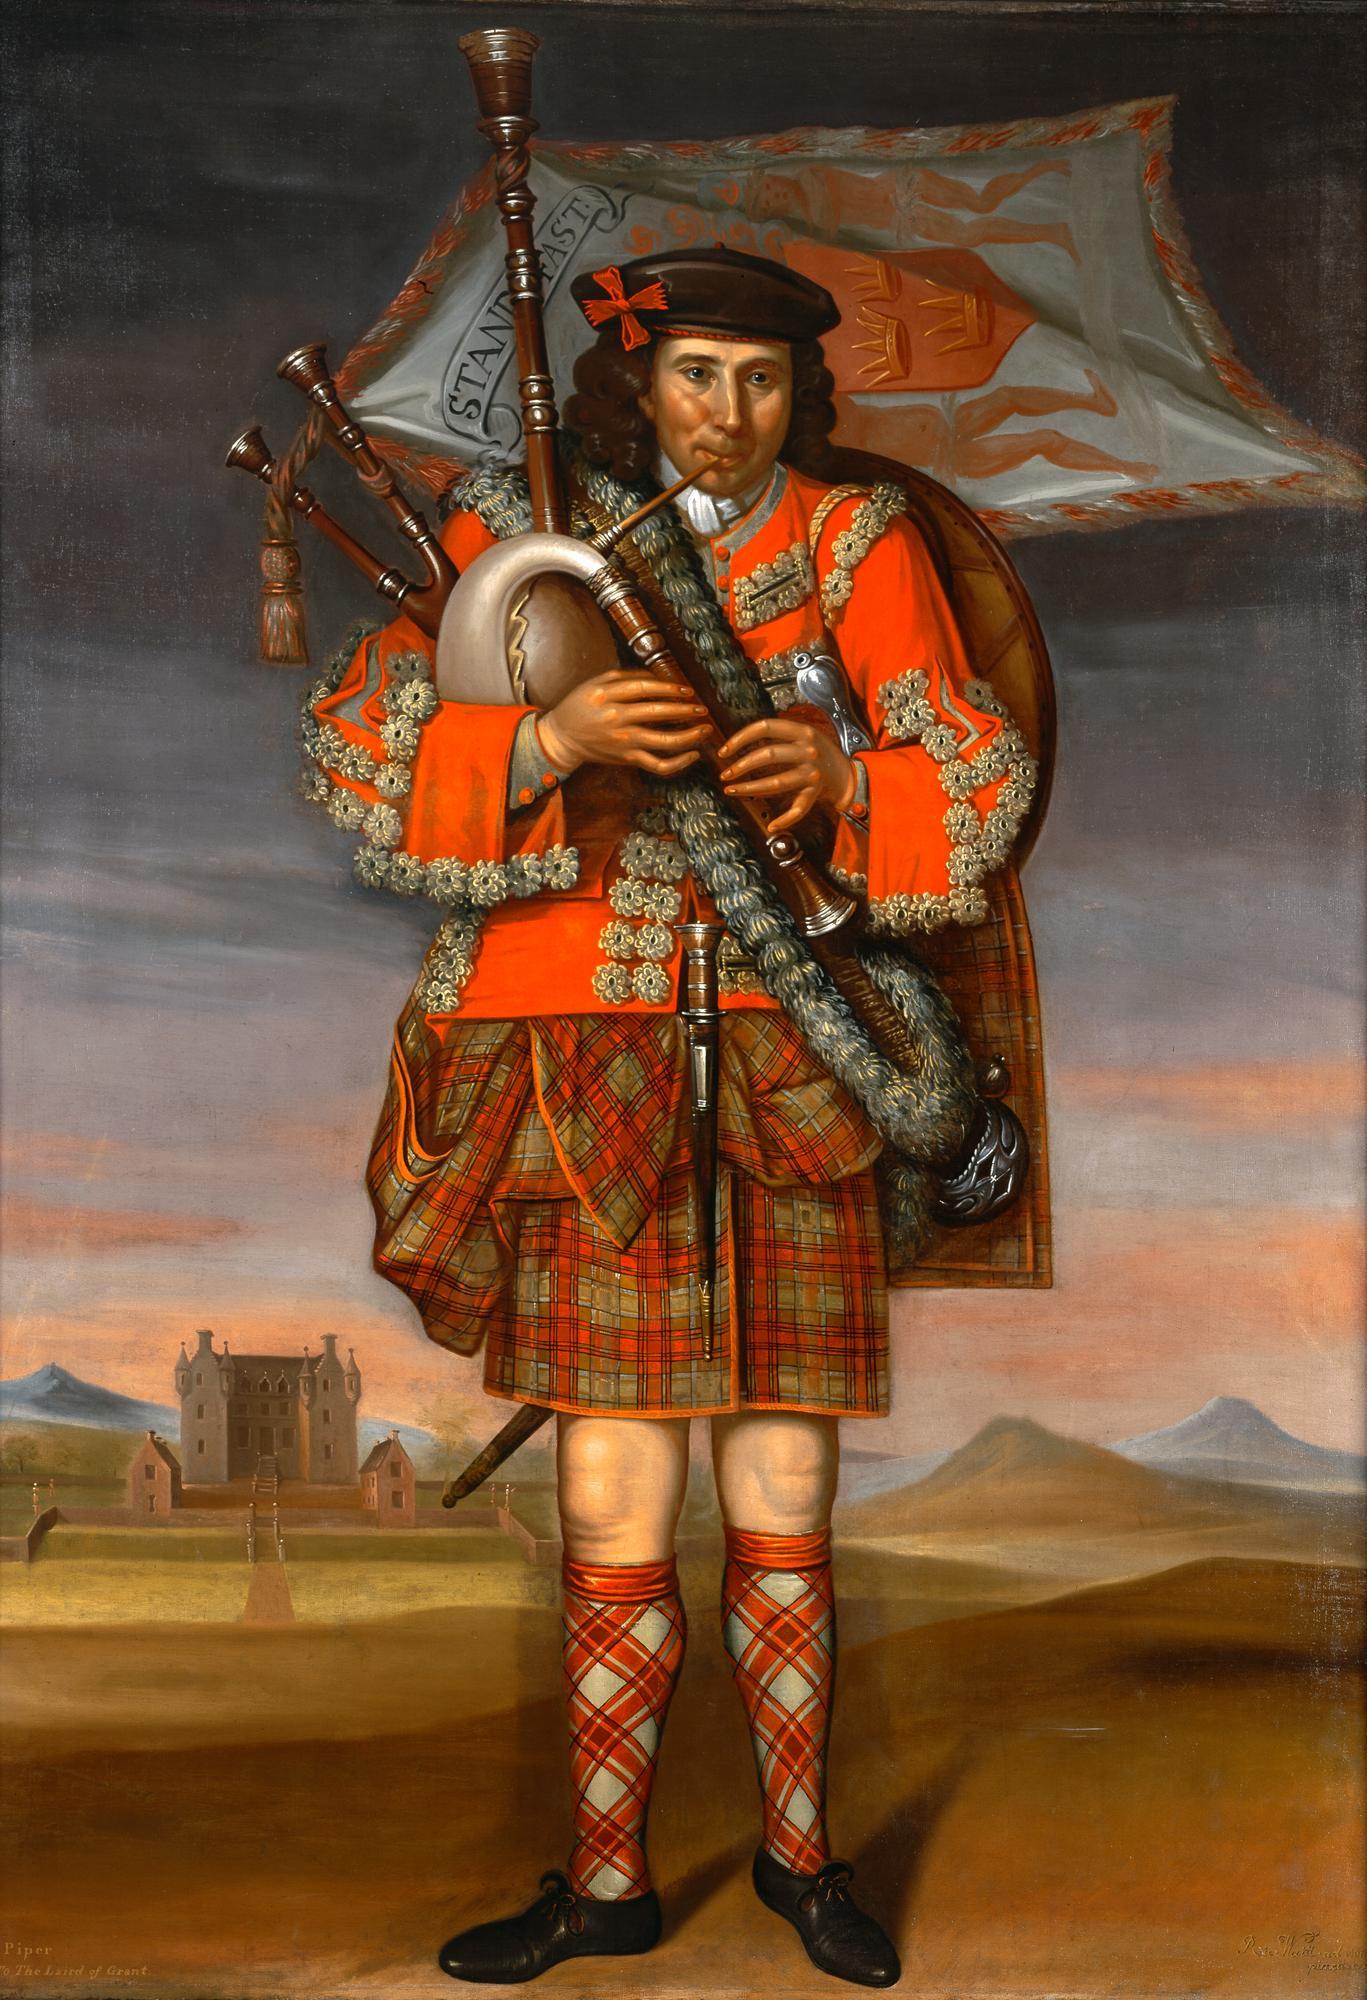 Un piper par Waitt, 1714